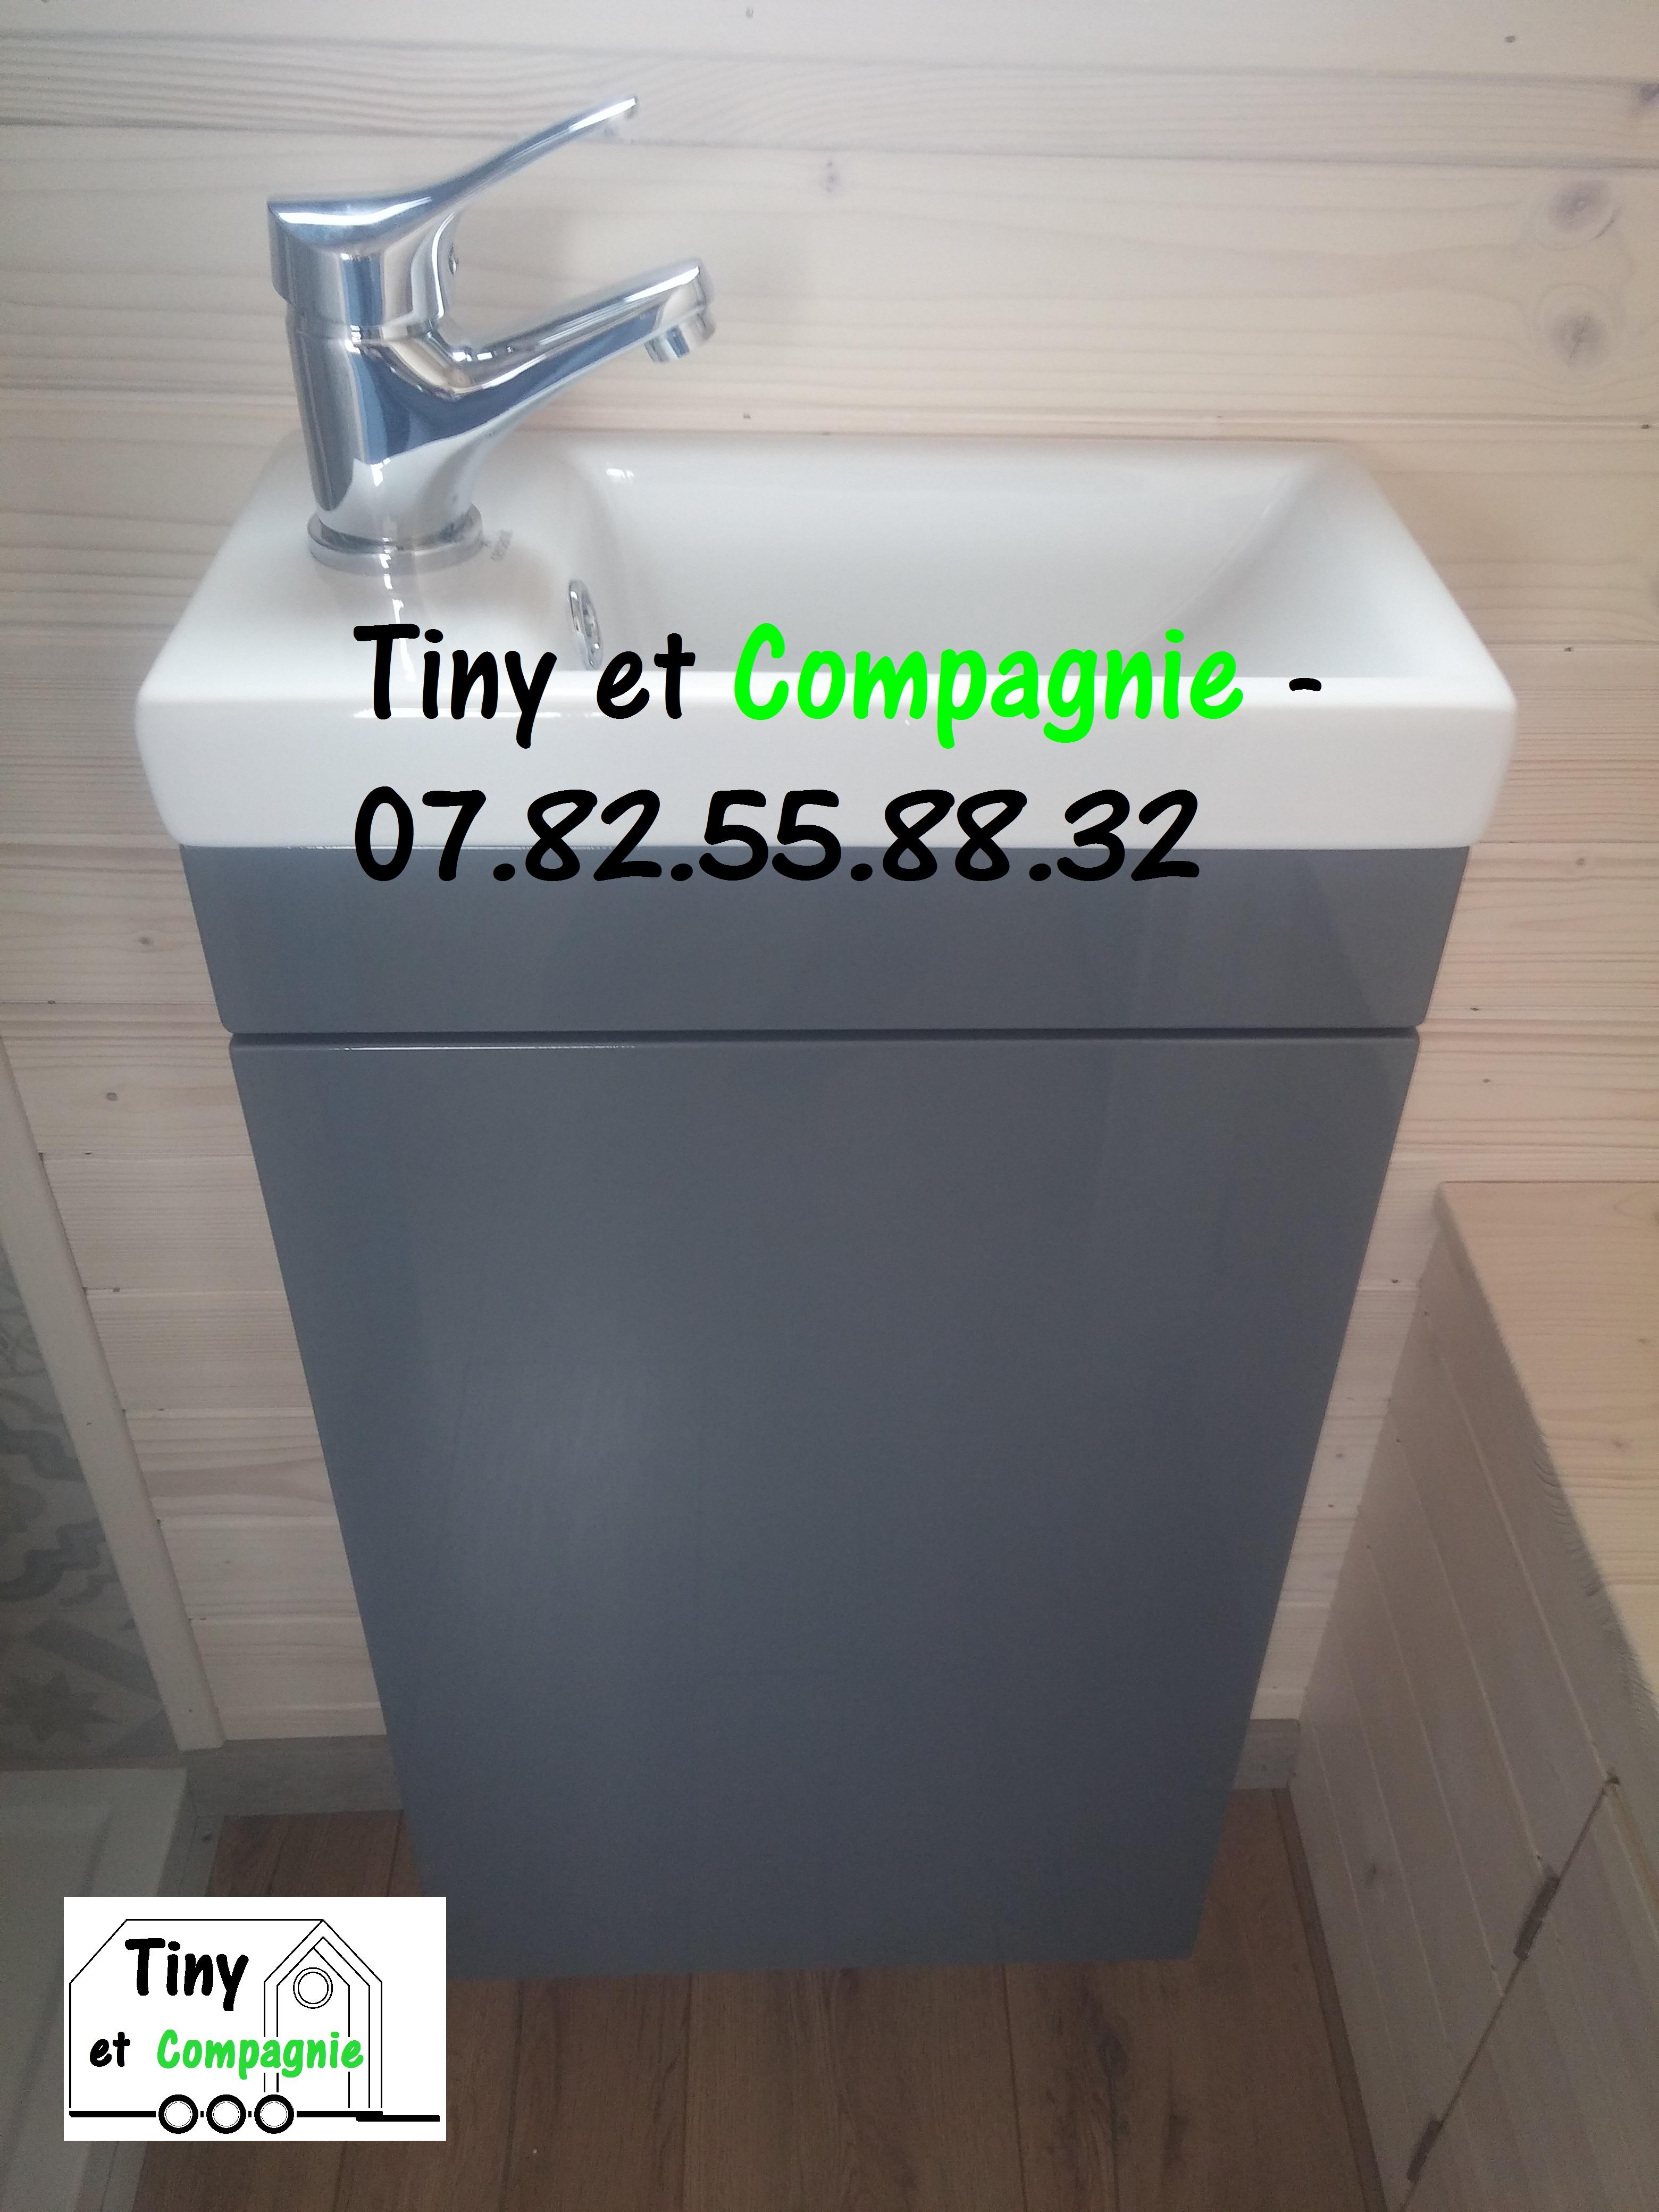 Tiny et Compagnie - Colibri 2019 (Lavabo